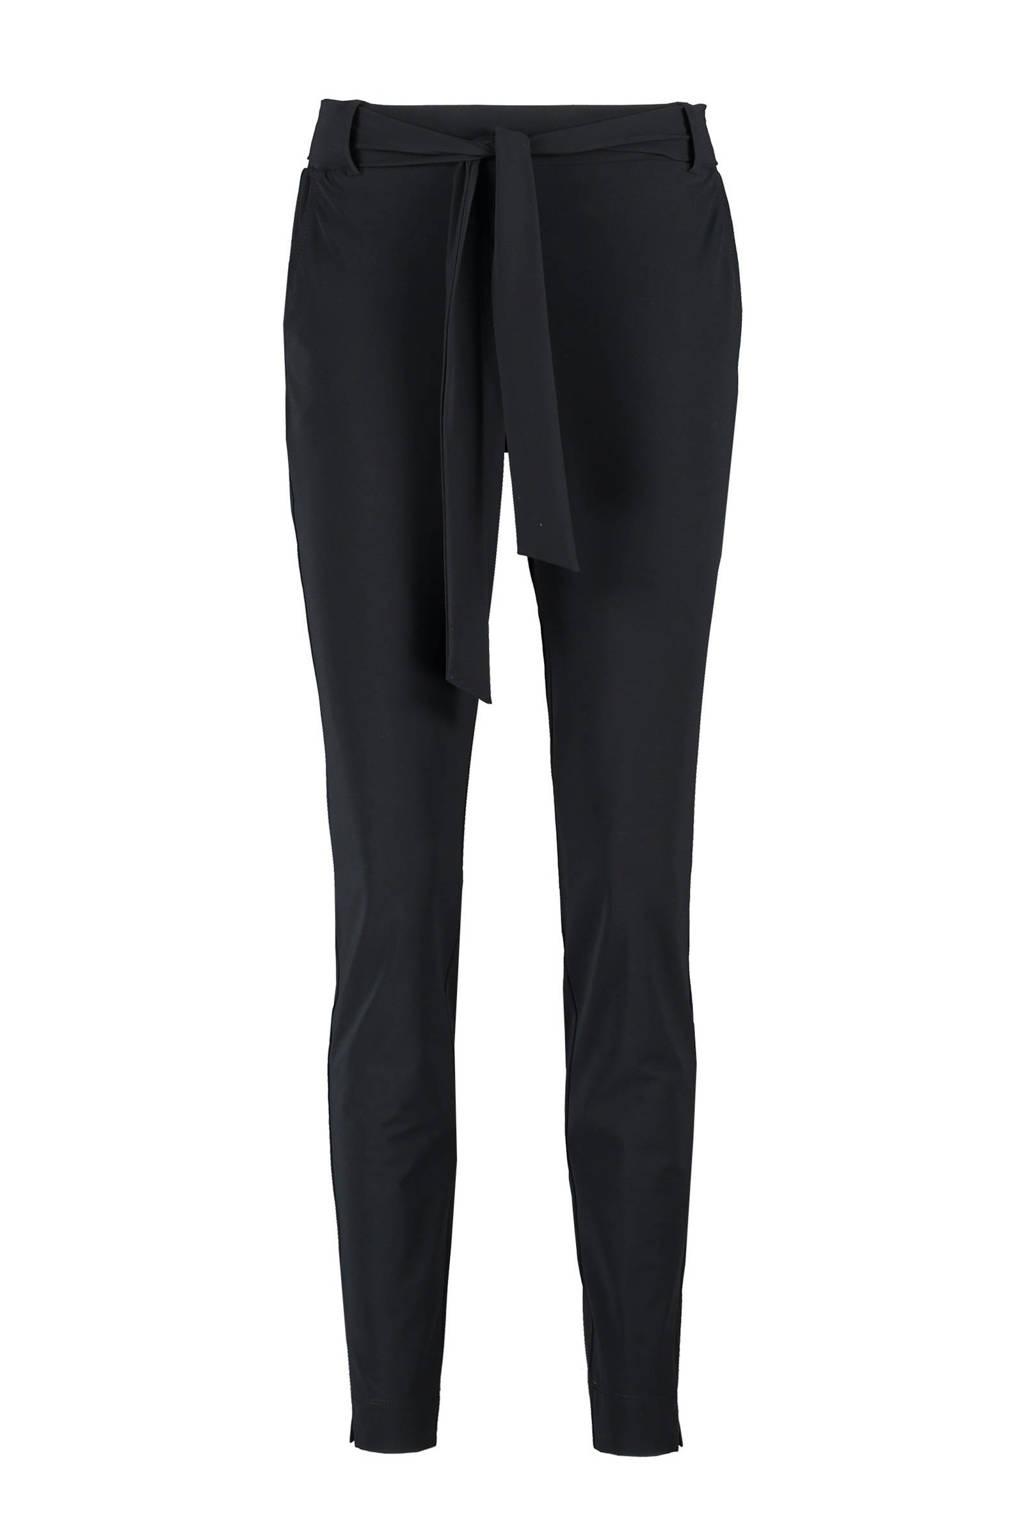 Expresso skinny broek Dconstanc zwart, Zwart